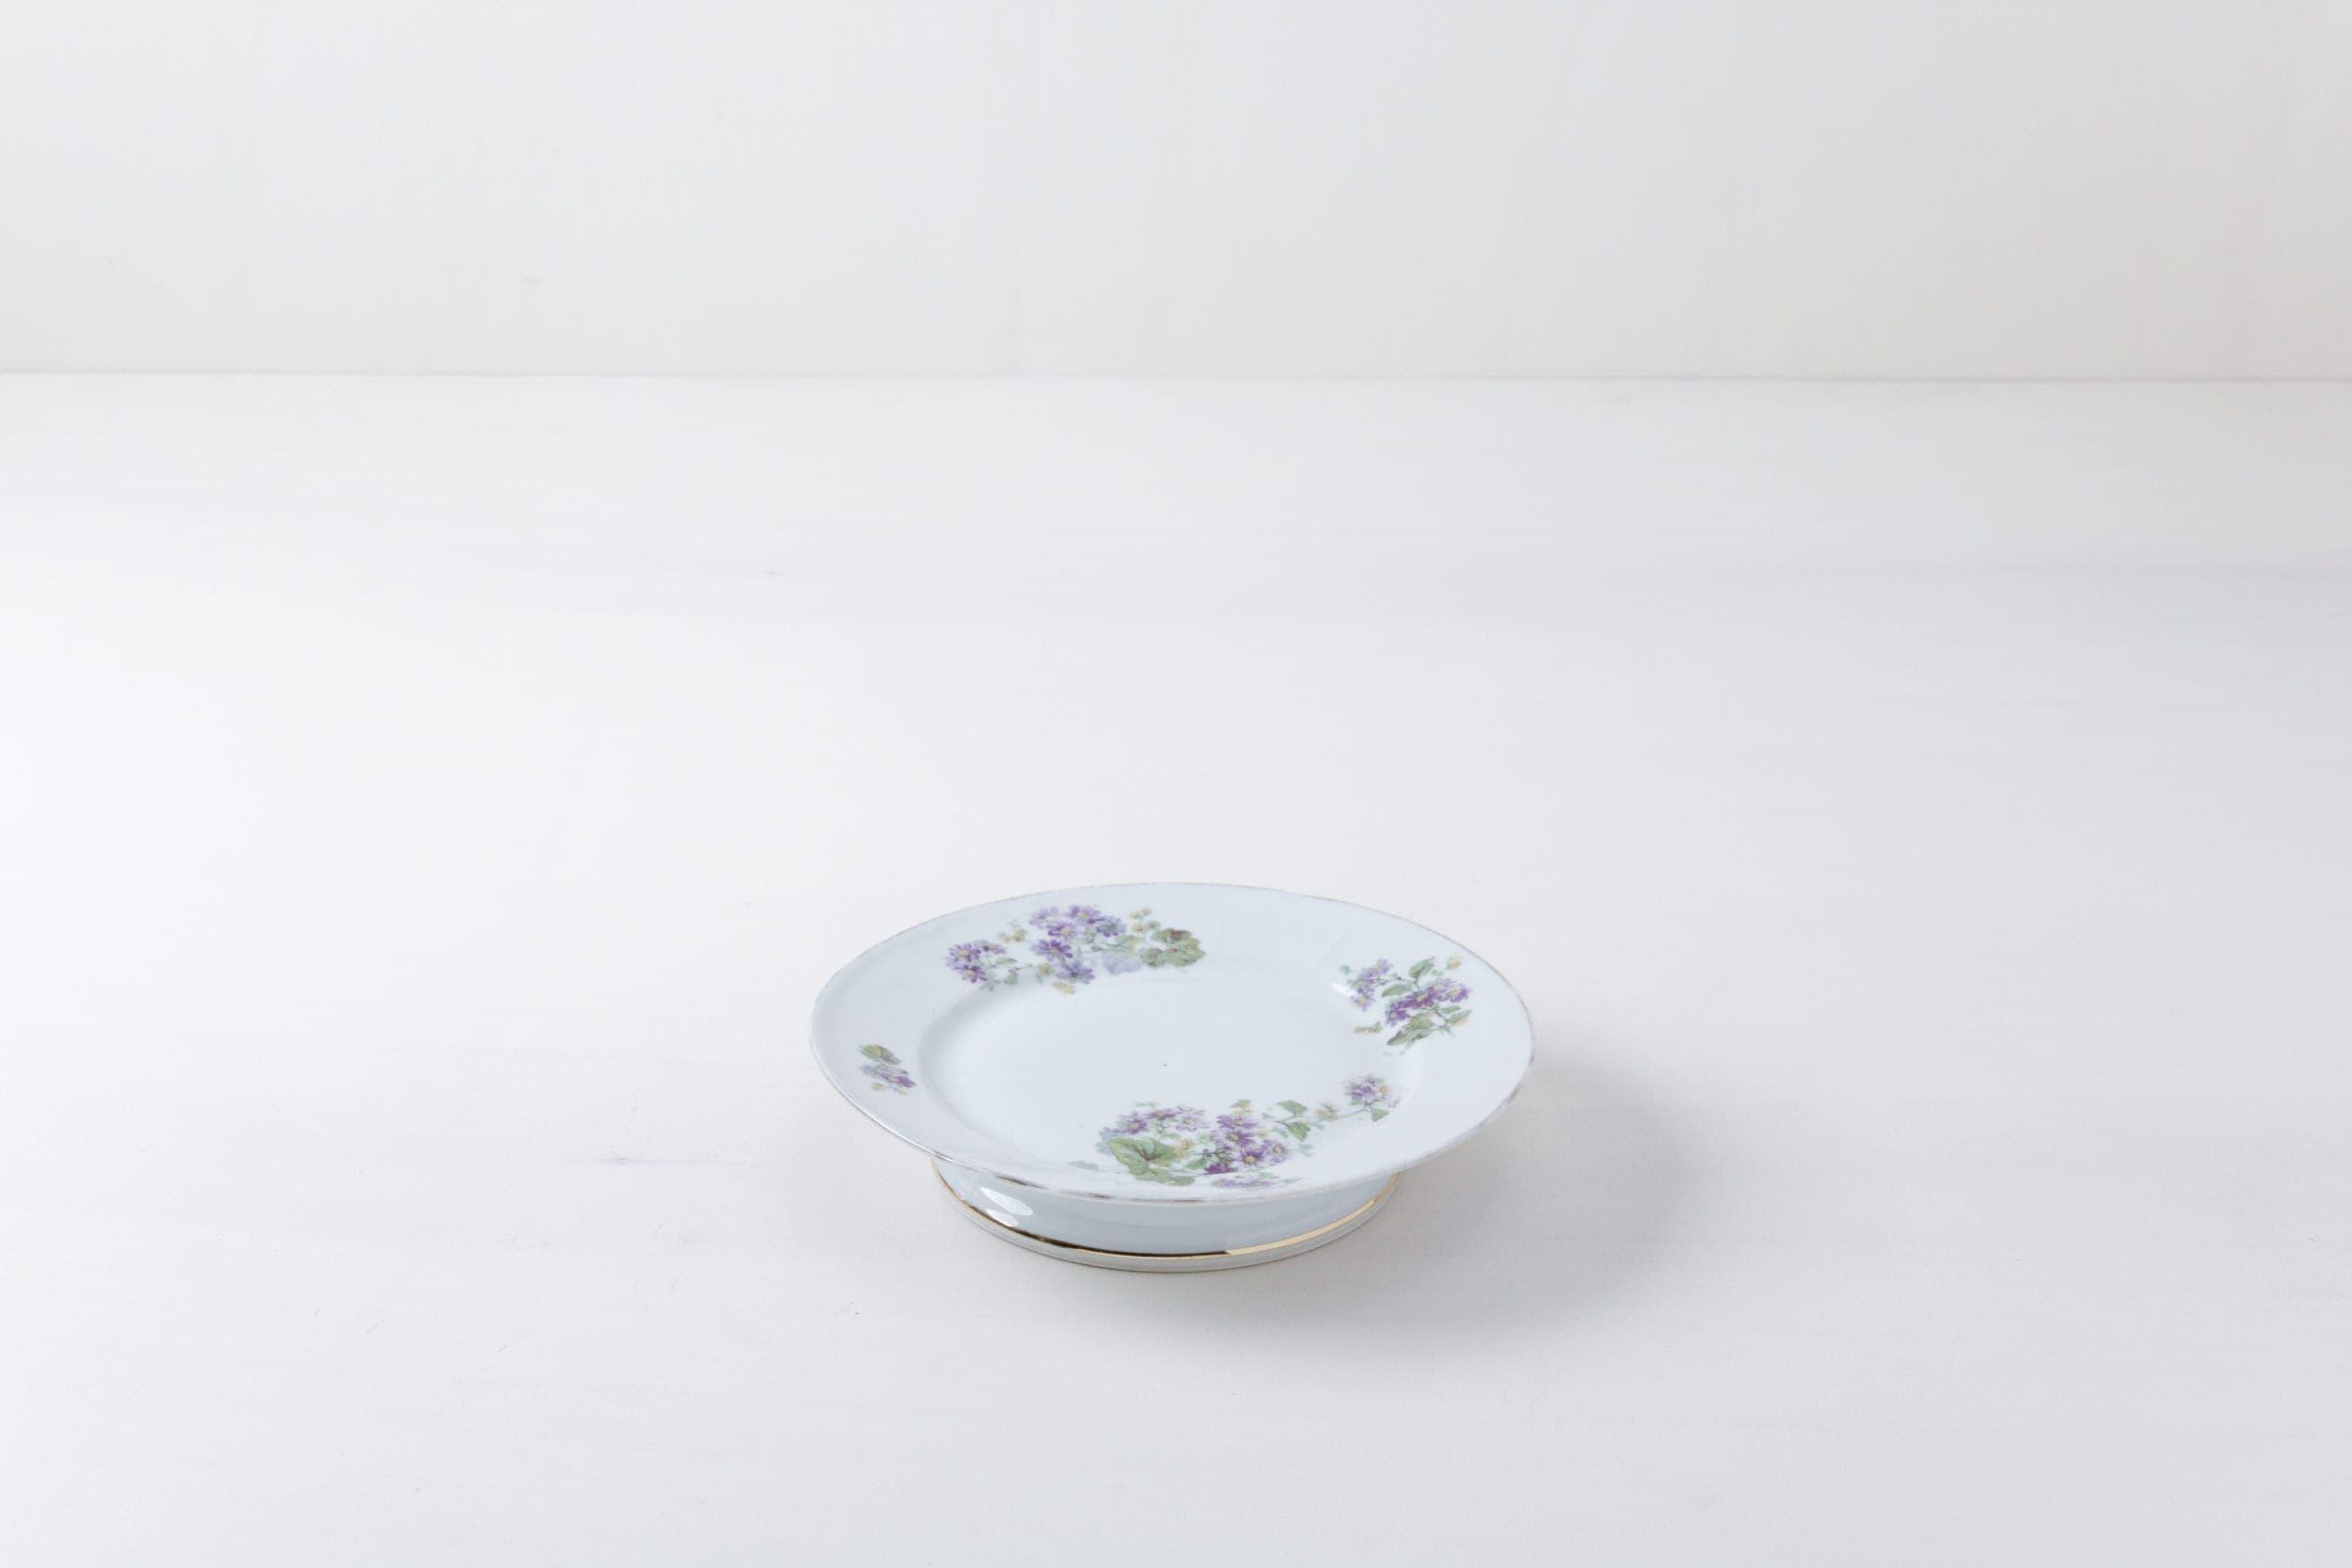 Kuchenplatte Regina Floral | Ein Kuchenteller mit schönen floralen Mustern. | gotvintage Rental & Event Design